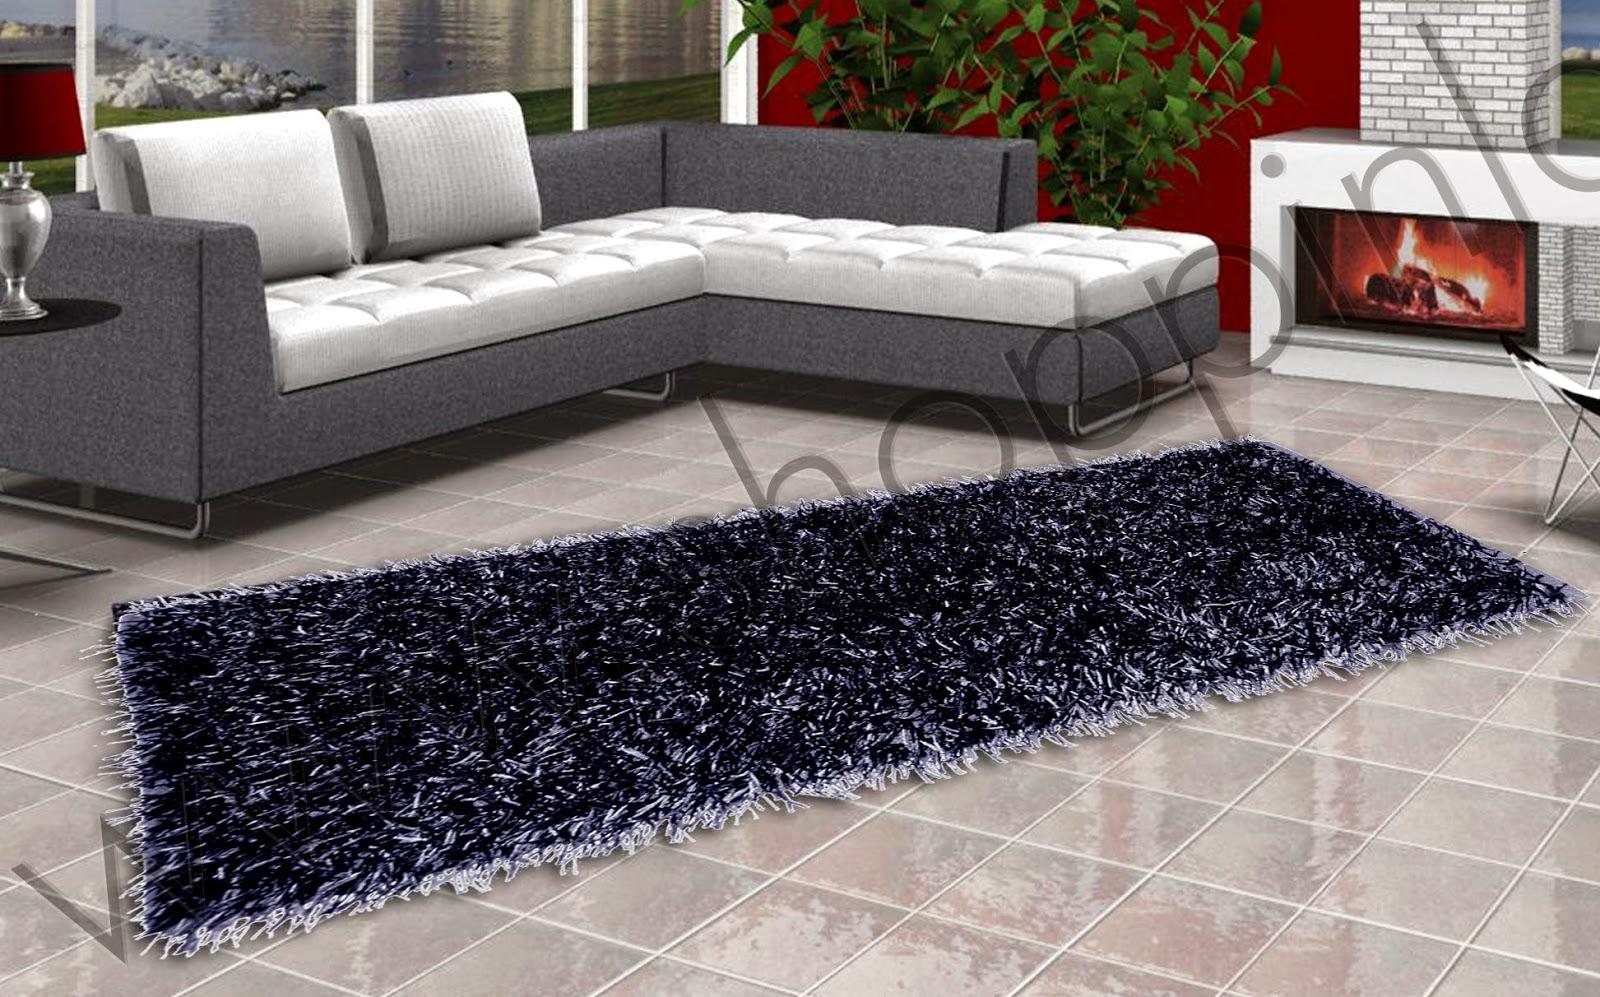 Tappeti shaggy tappeti in bamboo per arredare la tua casa for Siti per arredare casa online